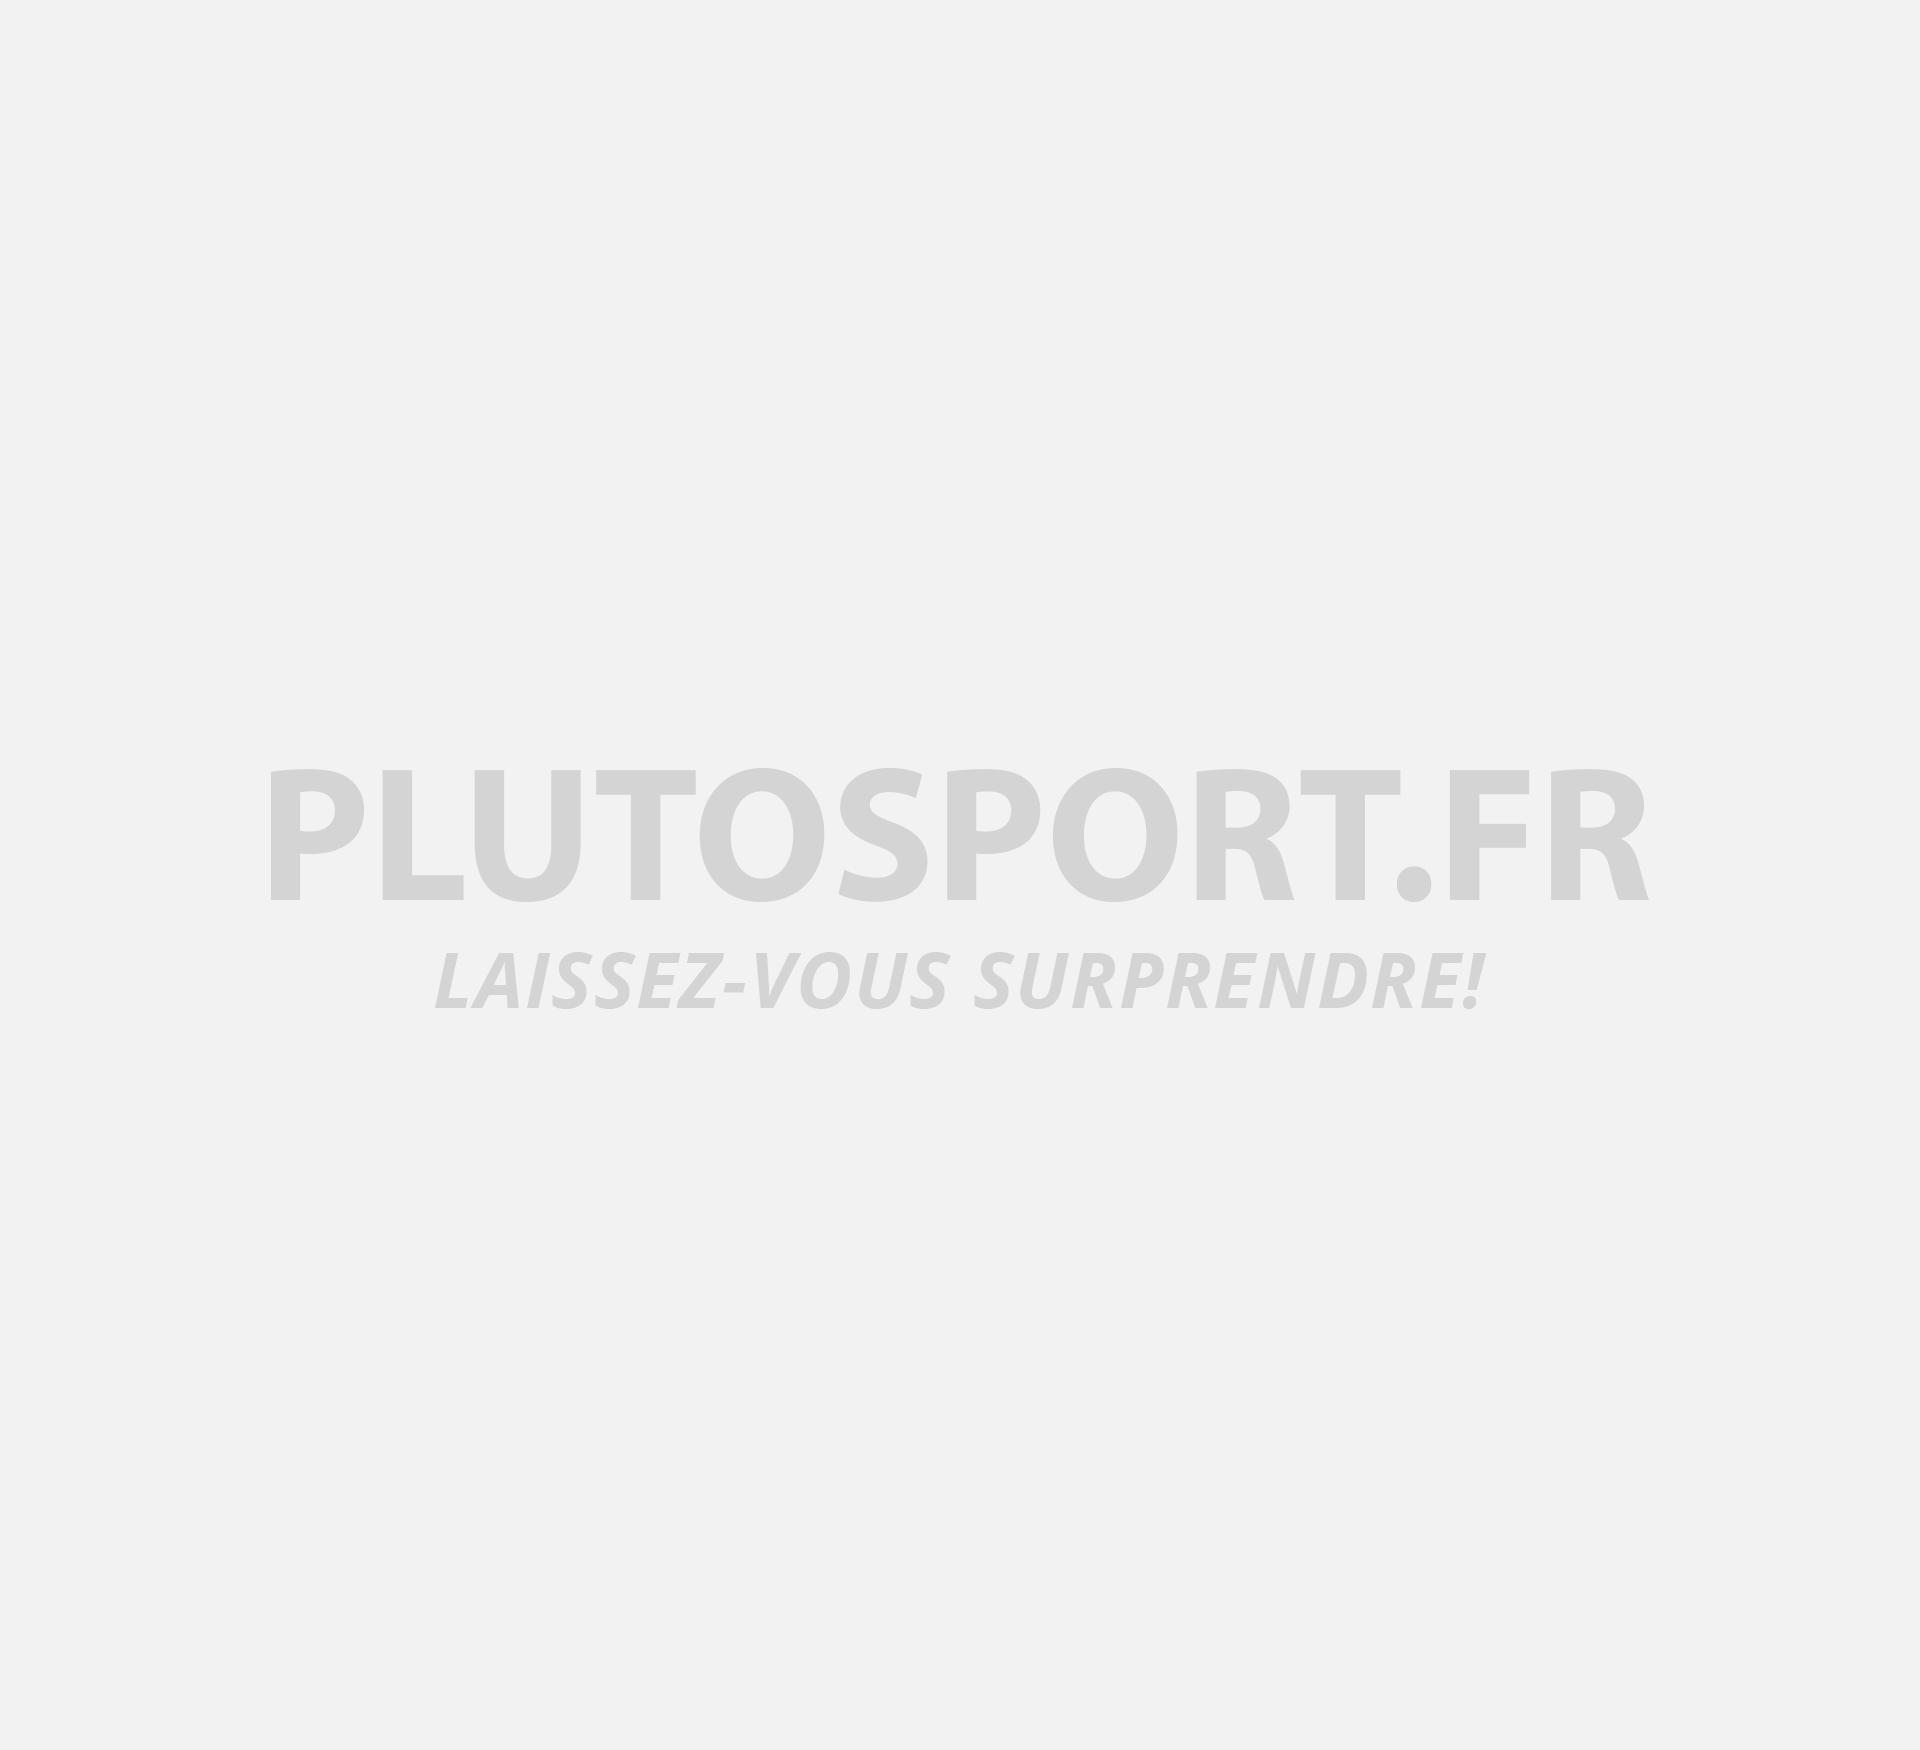 La sandale Pro Kennex Destiny Lite Squash Raquette pour hommes